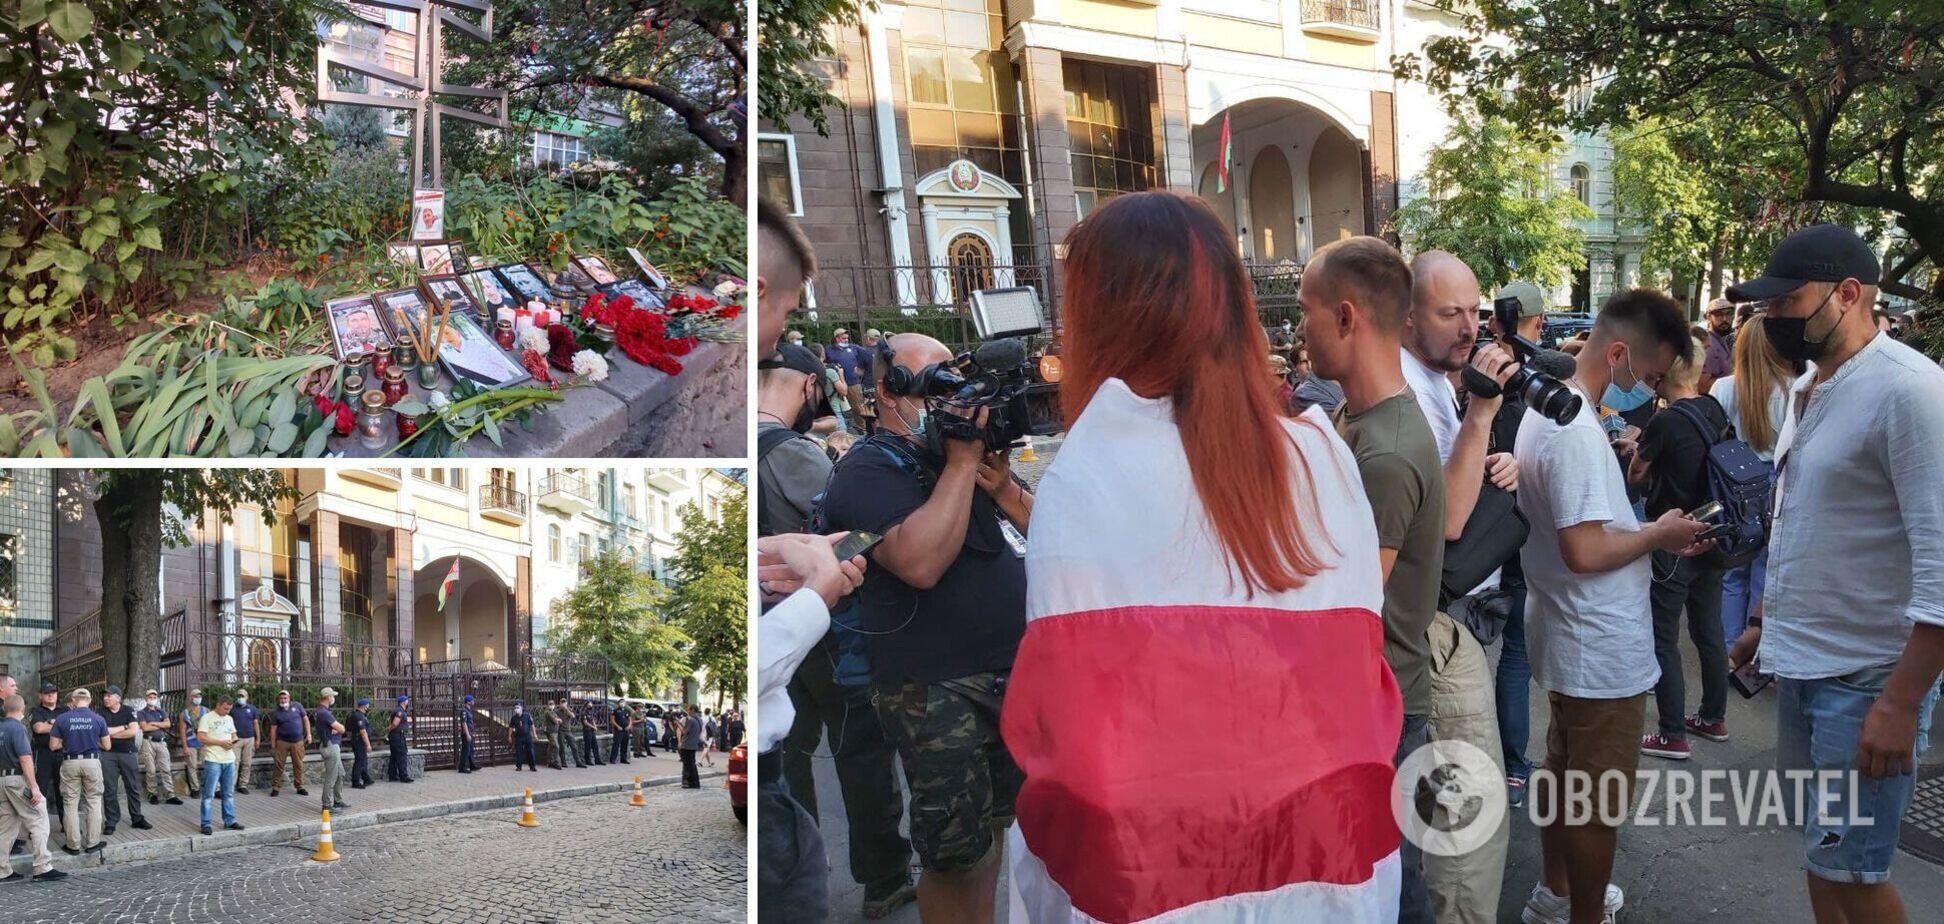 Під посольством Білорусі в Києві провели акцію в пам'ять про загиблого Шишова. Фото і відео